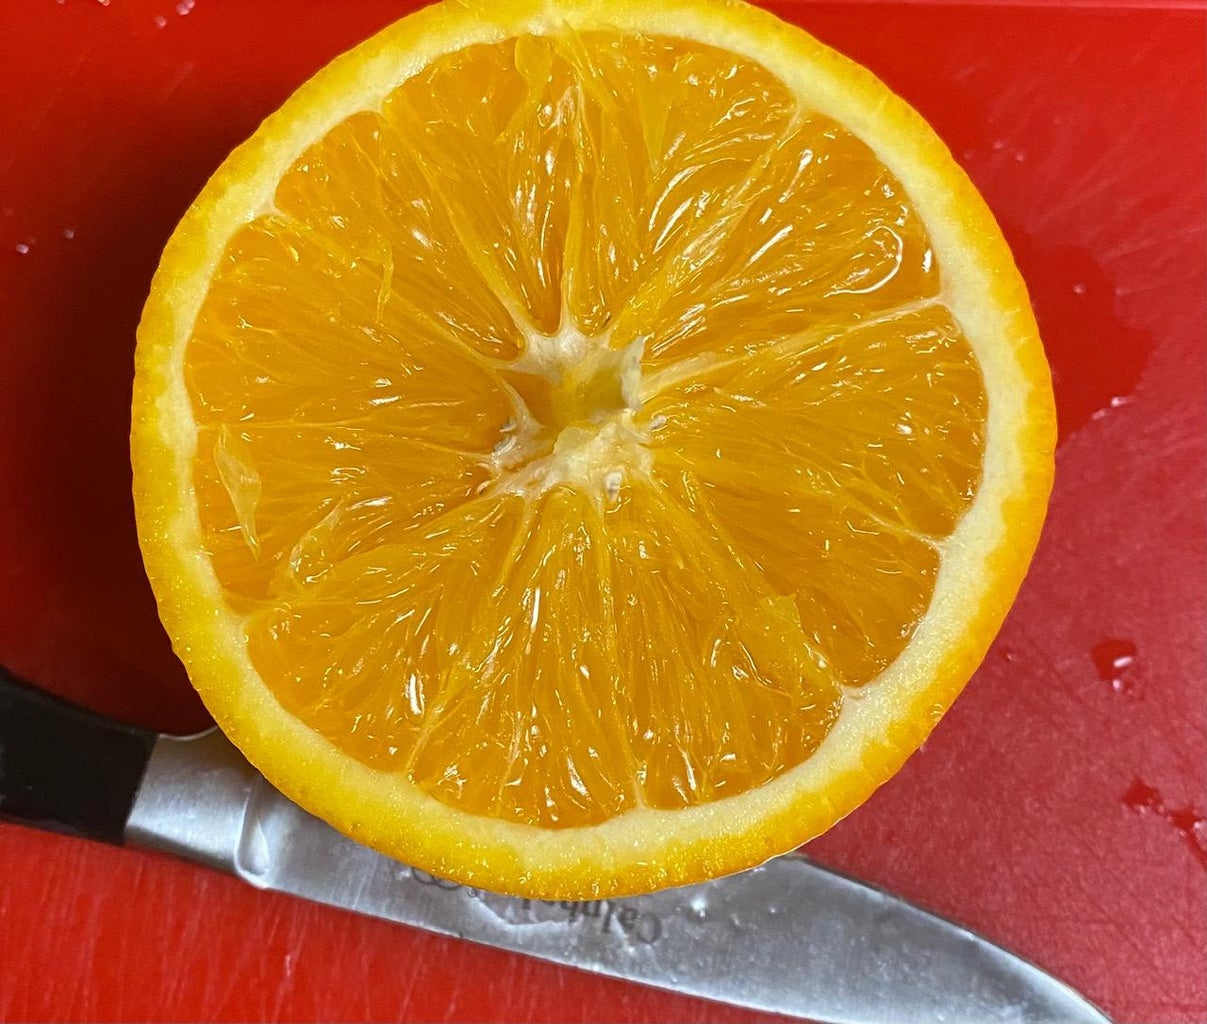 Preparing Orange: